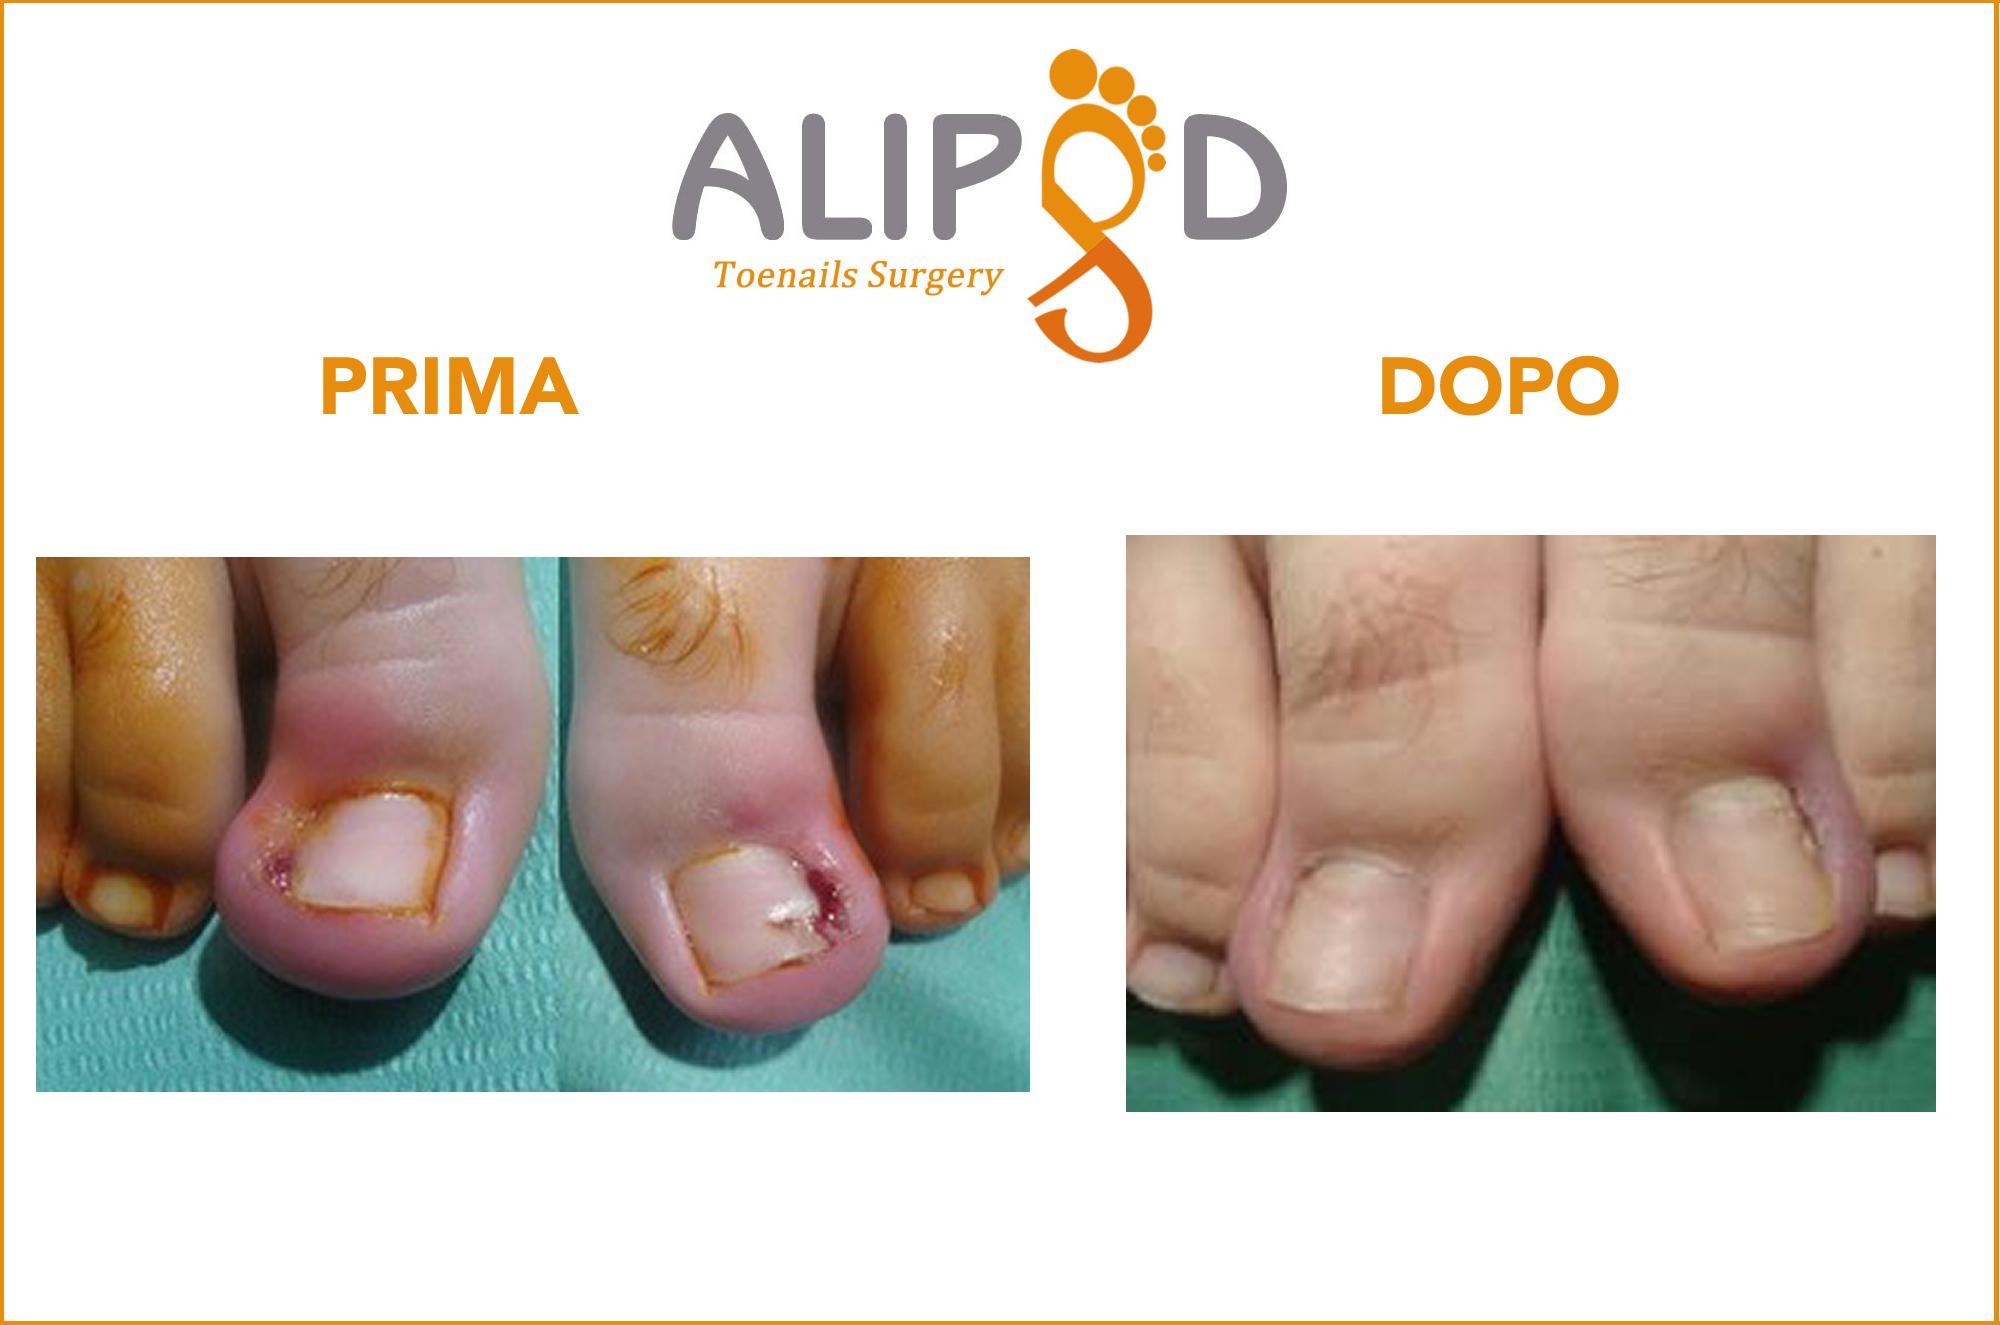 Caso clinico unghia incarnita 5